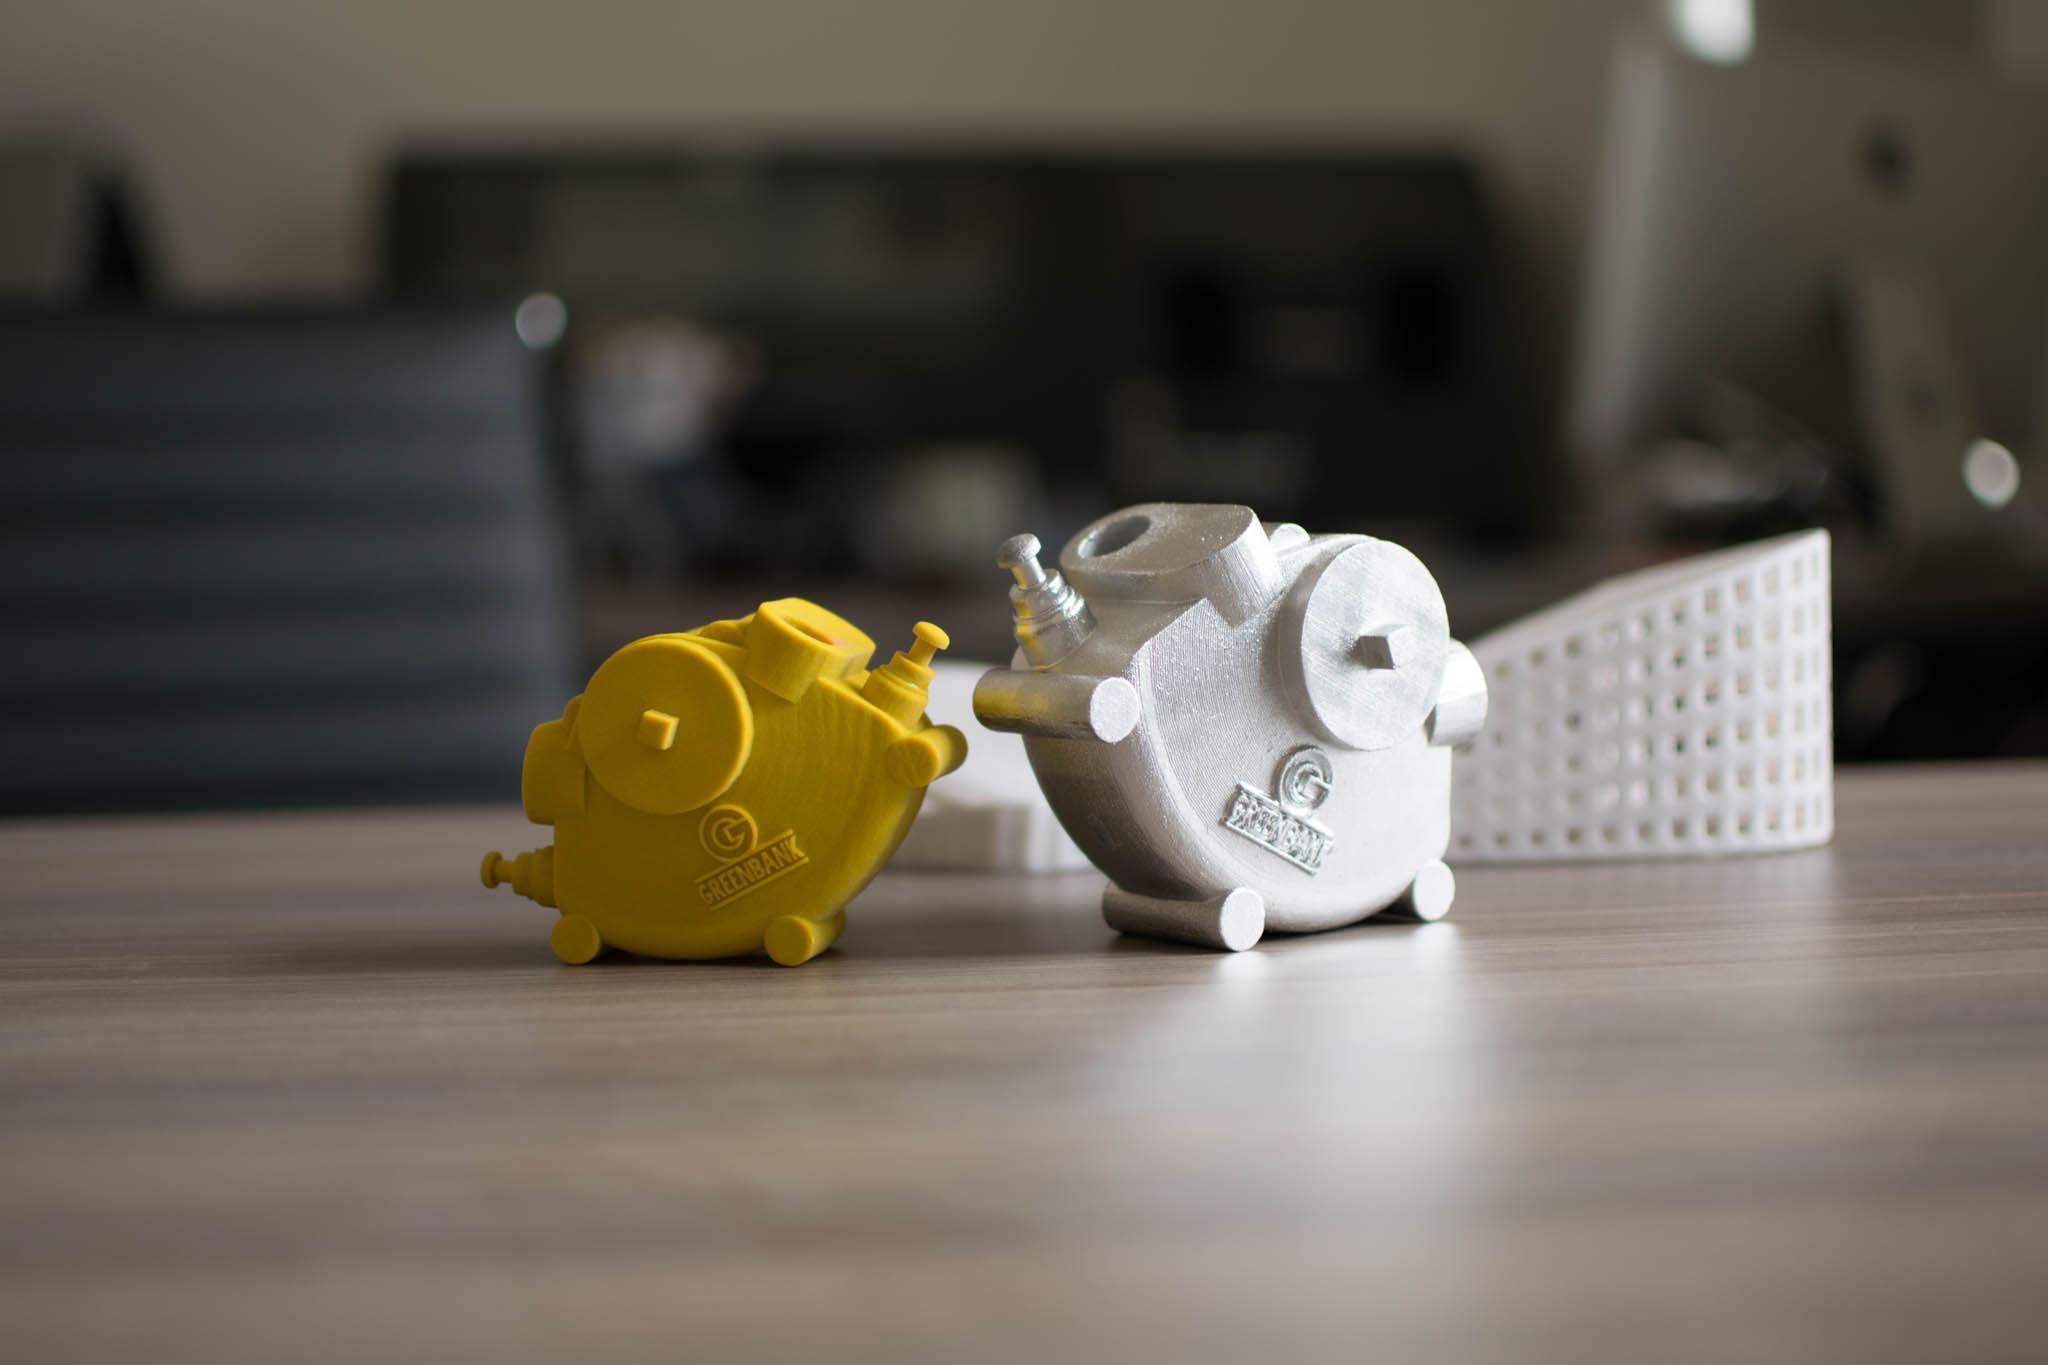 3D Printed Engineering Parts